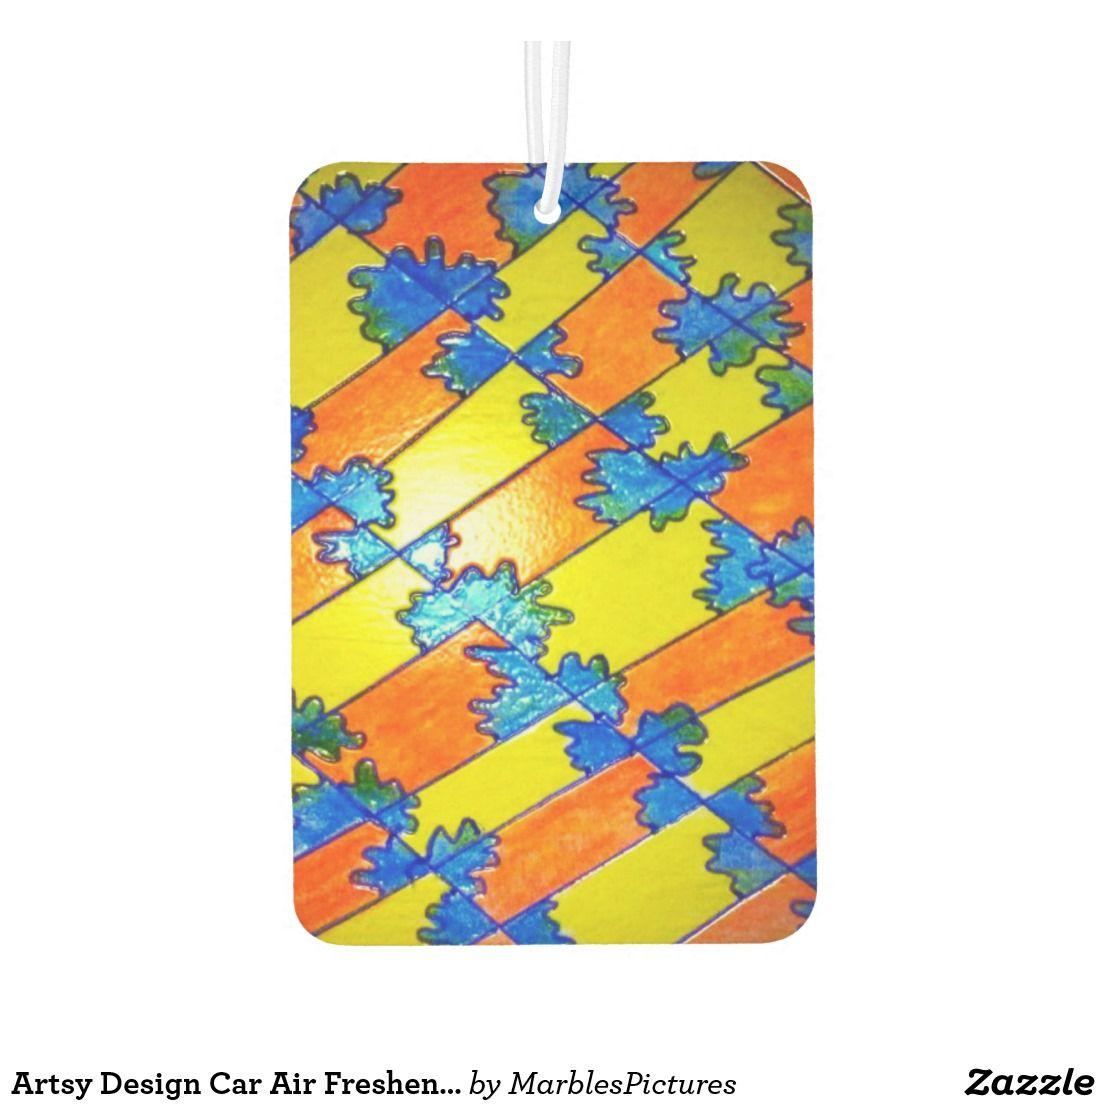 Artsy Design Car Air Freshener Car air